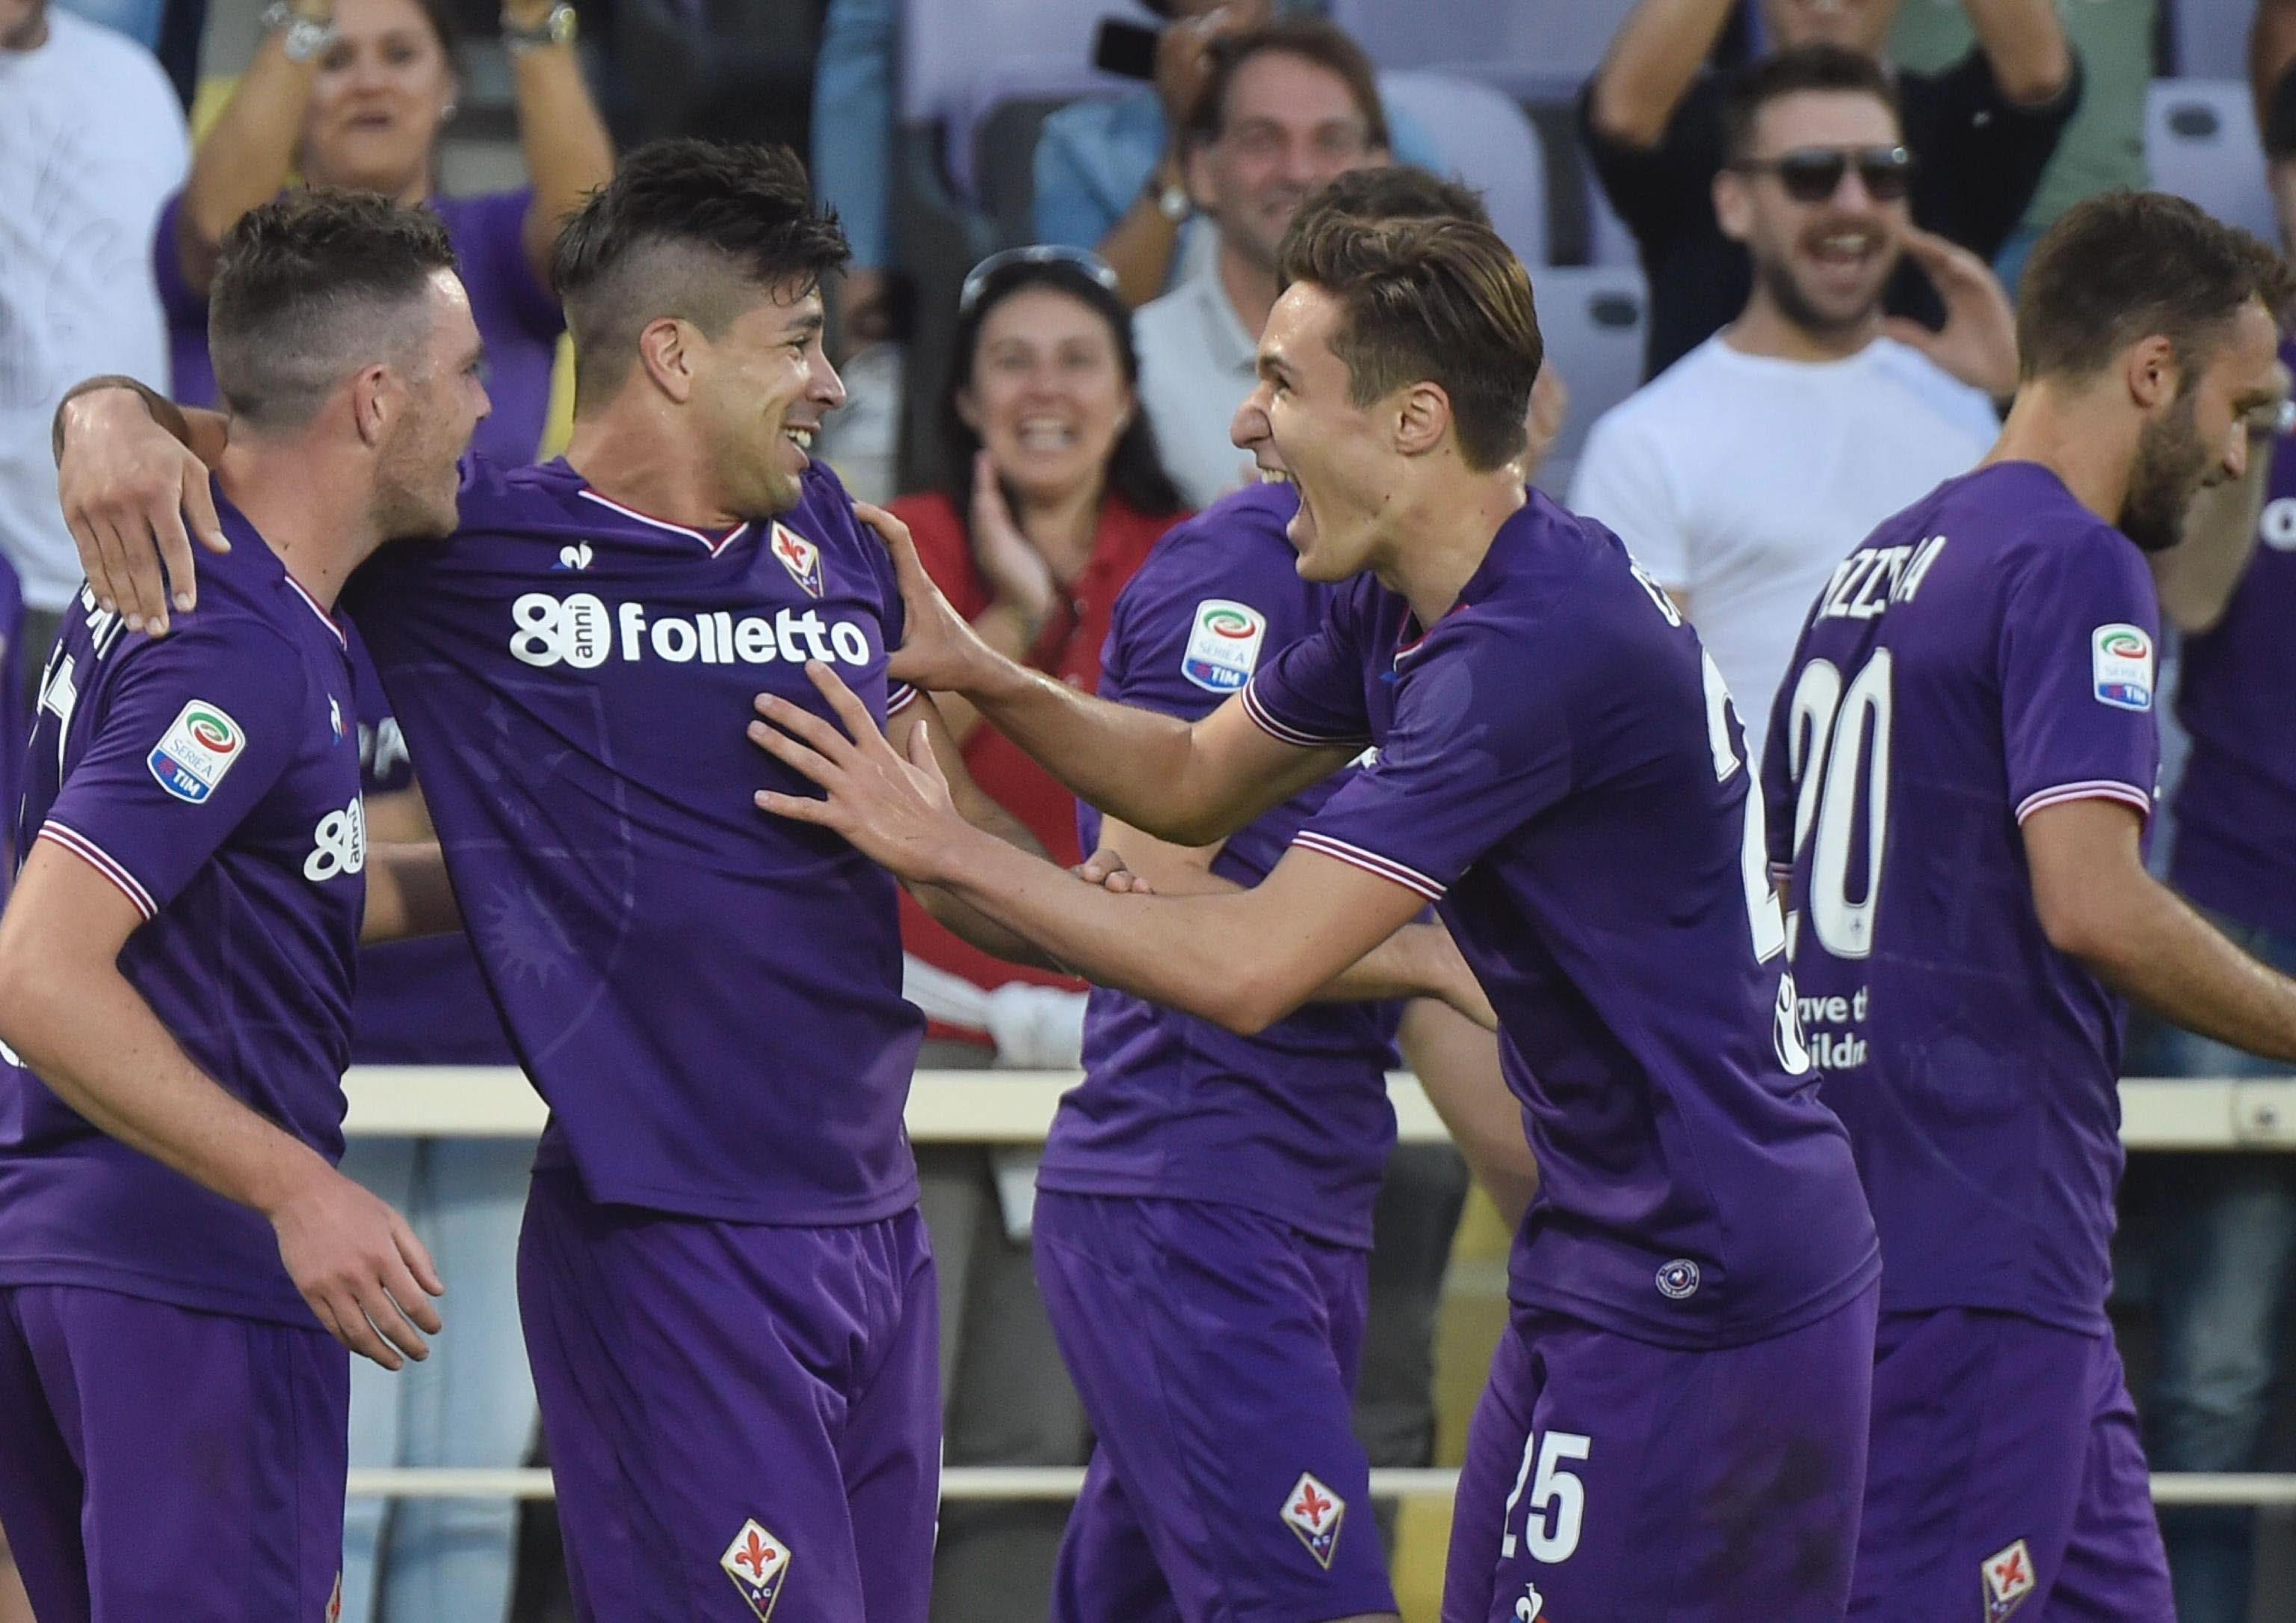 La Fiorentina completa el torneo de Duisburgo que disputará el Athletic en julio